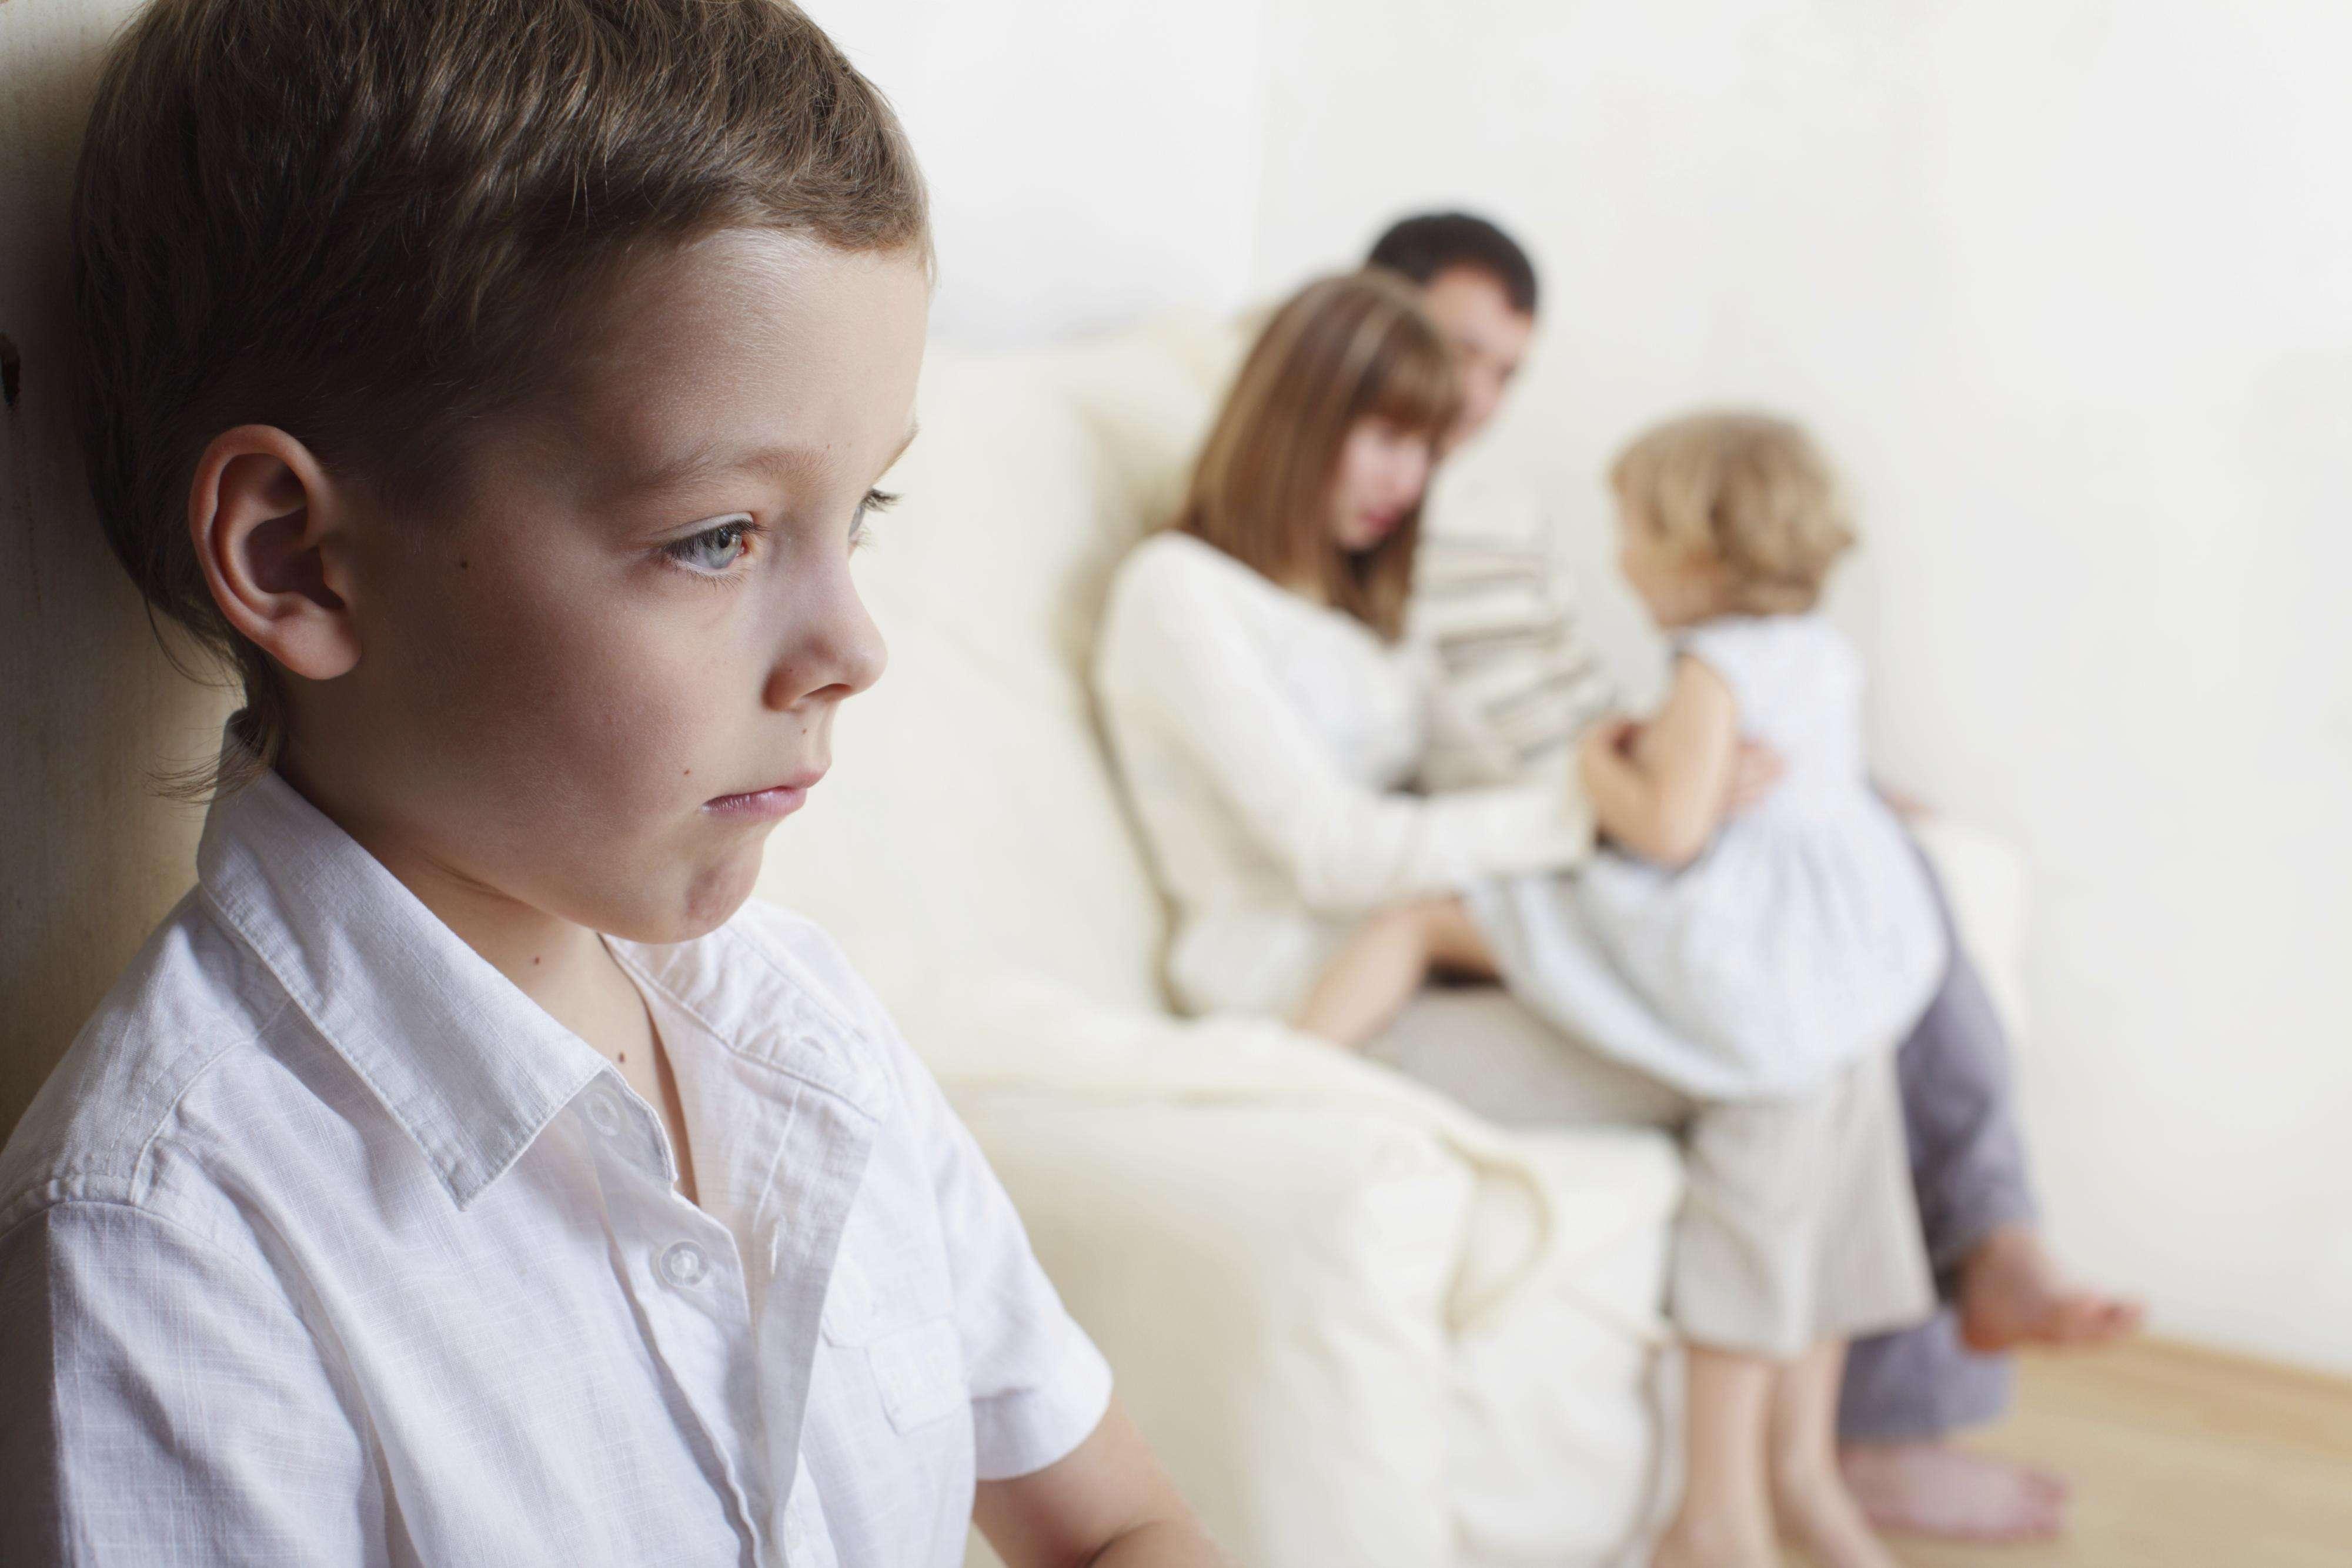 Hijos y celos. Foto: Thinkstock